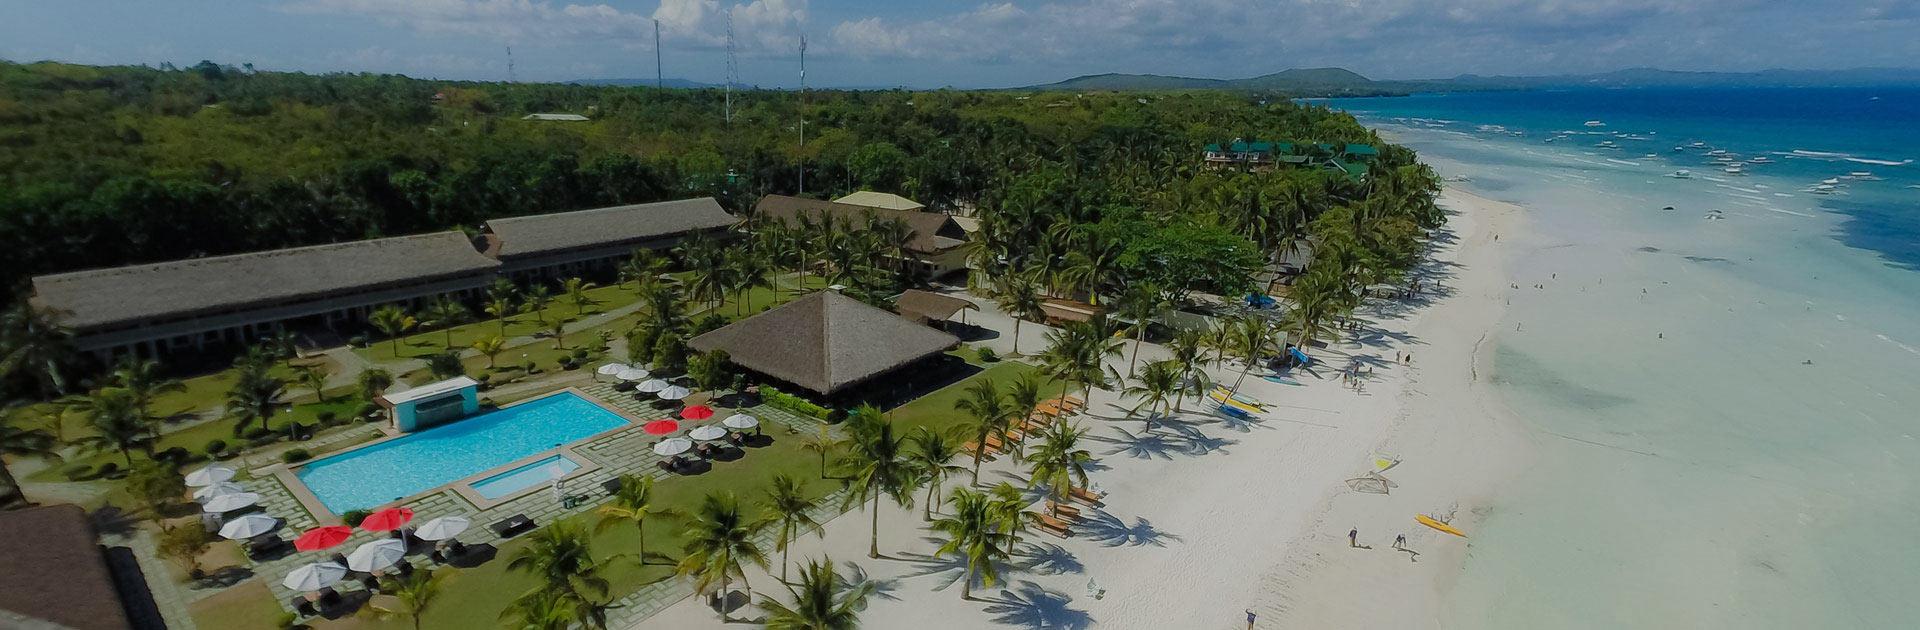 PH Norte de Filipinas y playas de Boracay 12 días 4